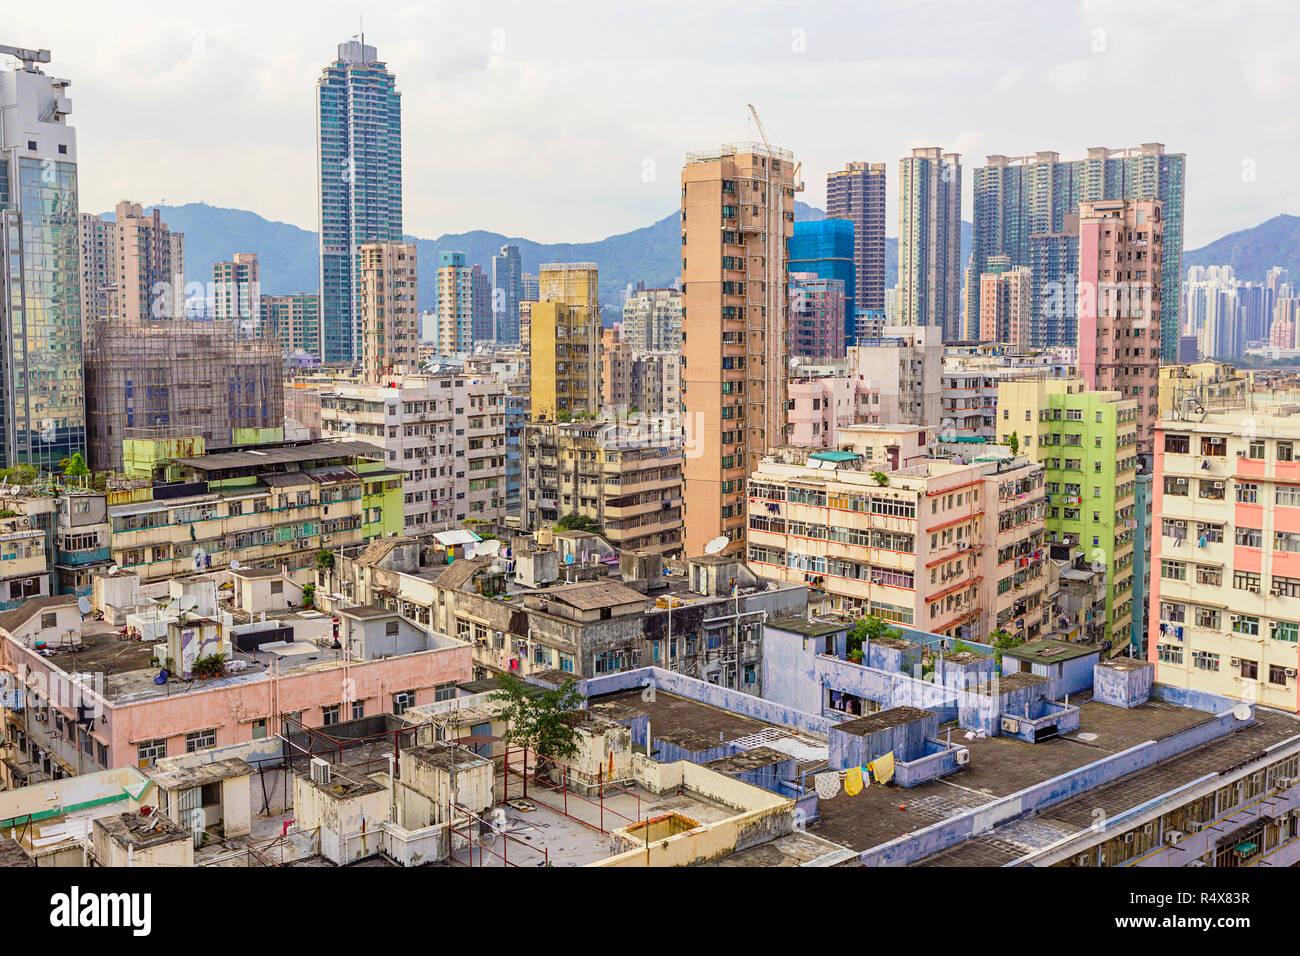 Downtown of Hong Kong - Stock Image